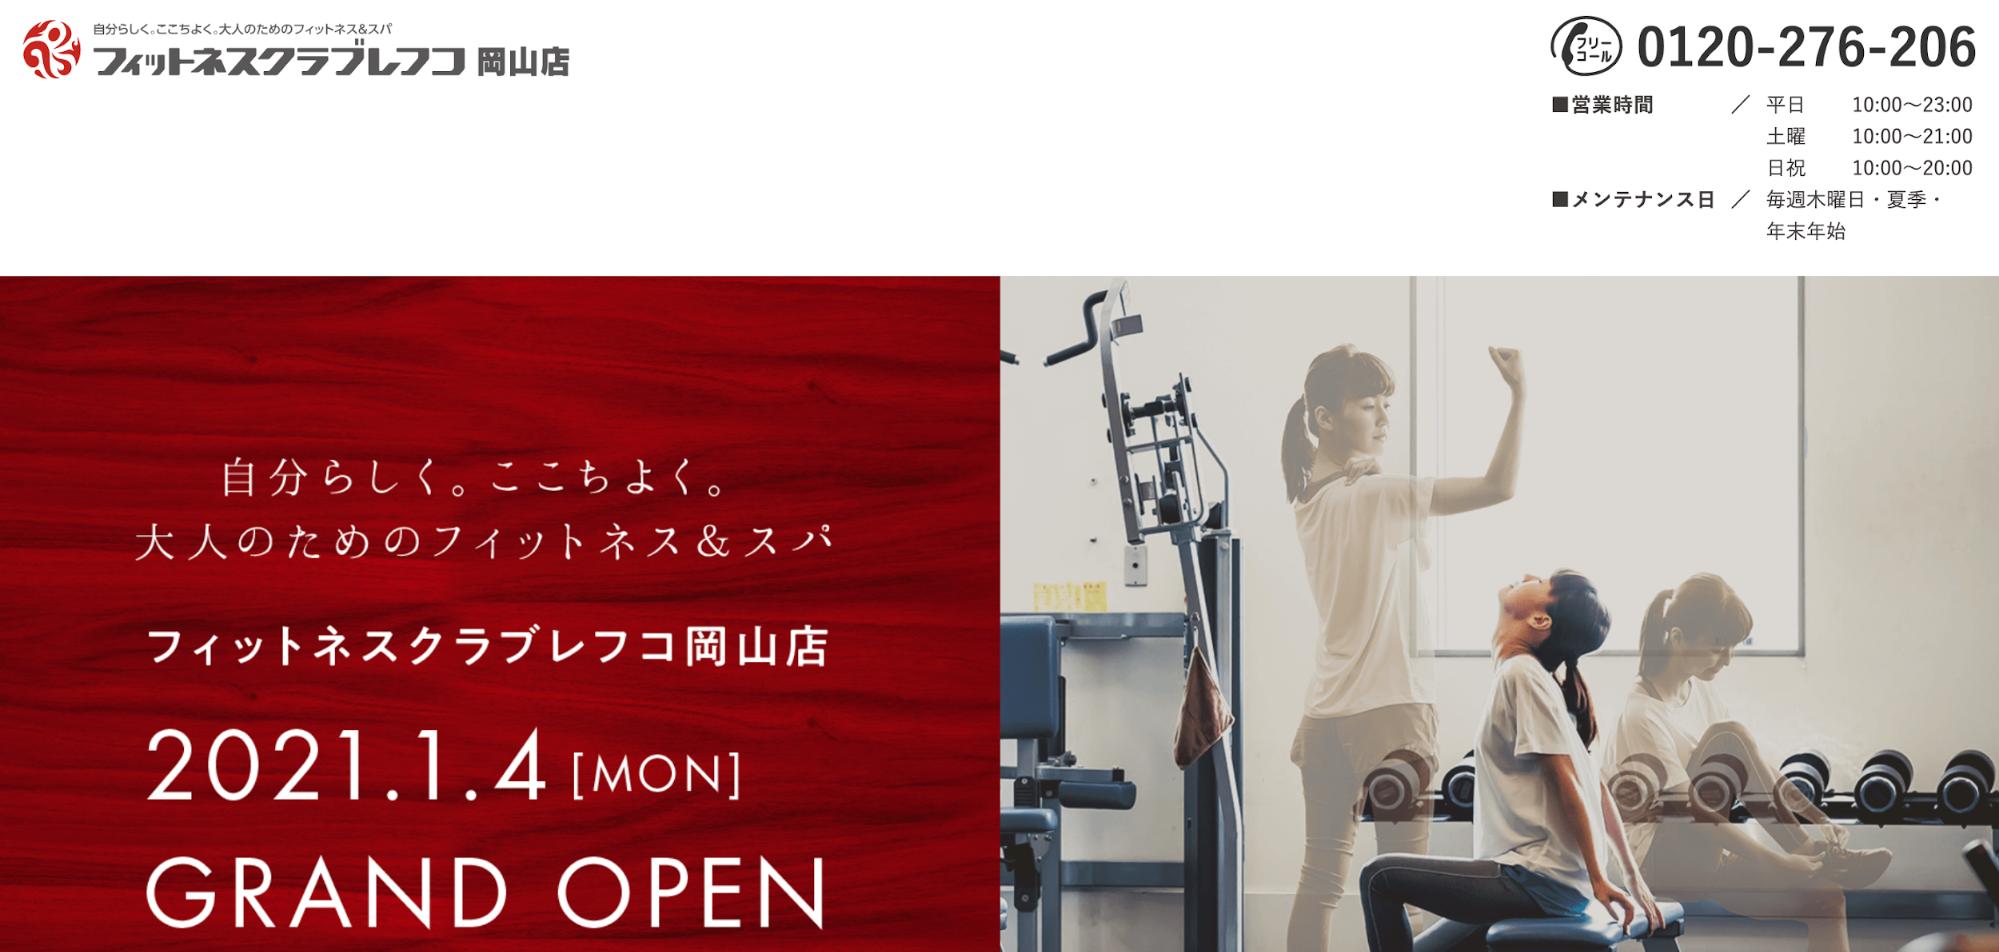 フィットネスクラブレフコ 岡山店